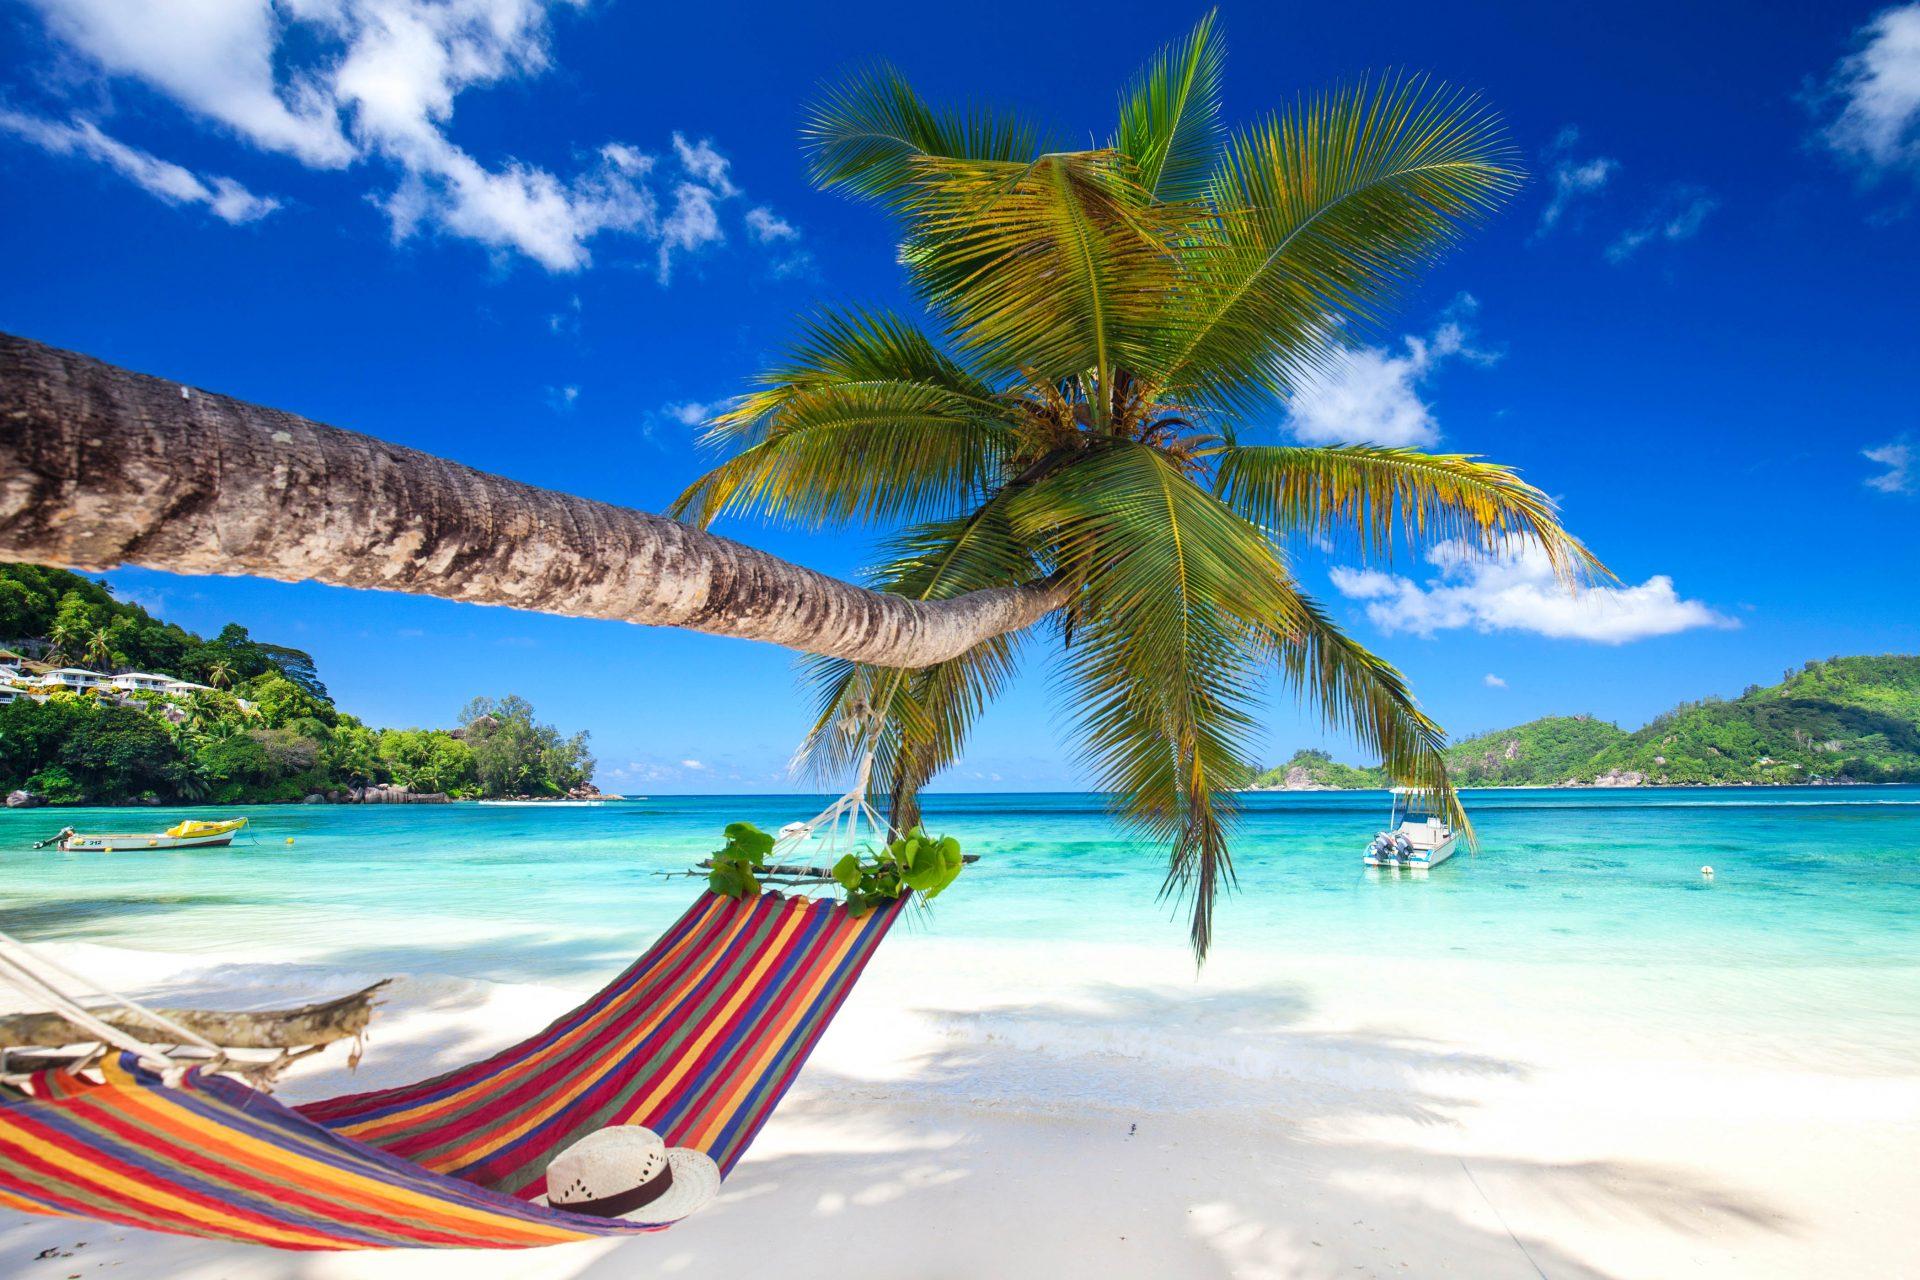 Hängematte in der Karibik